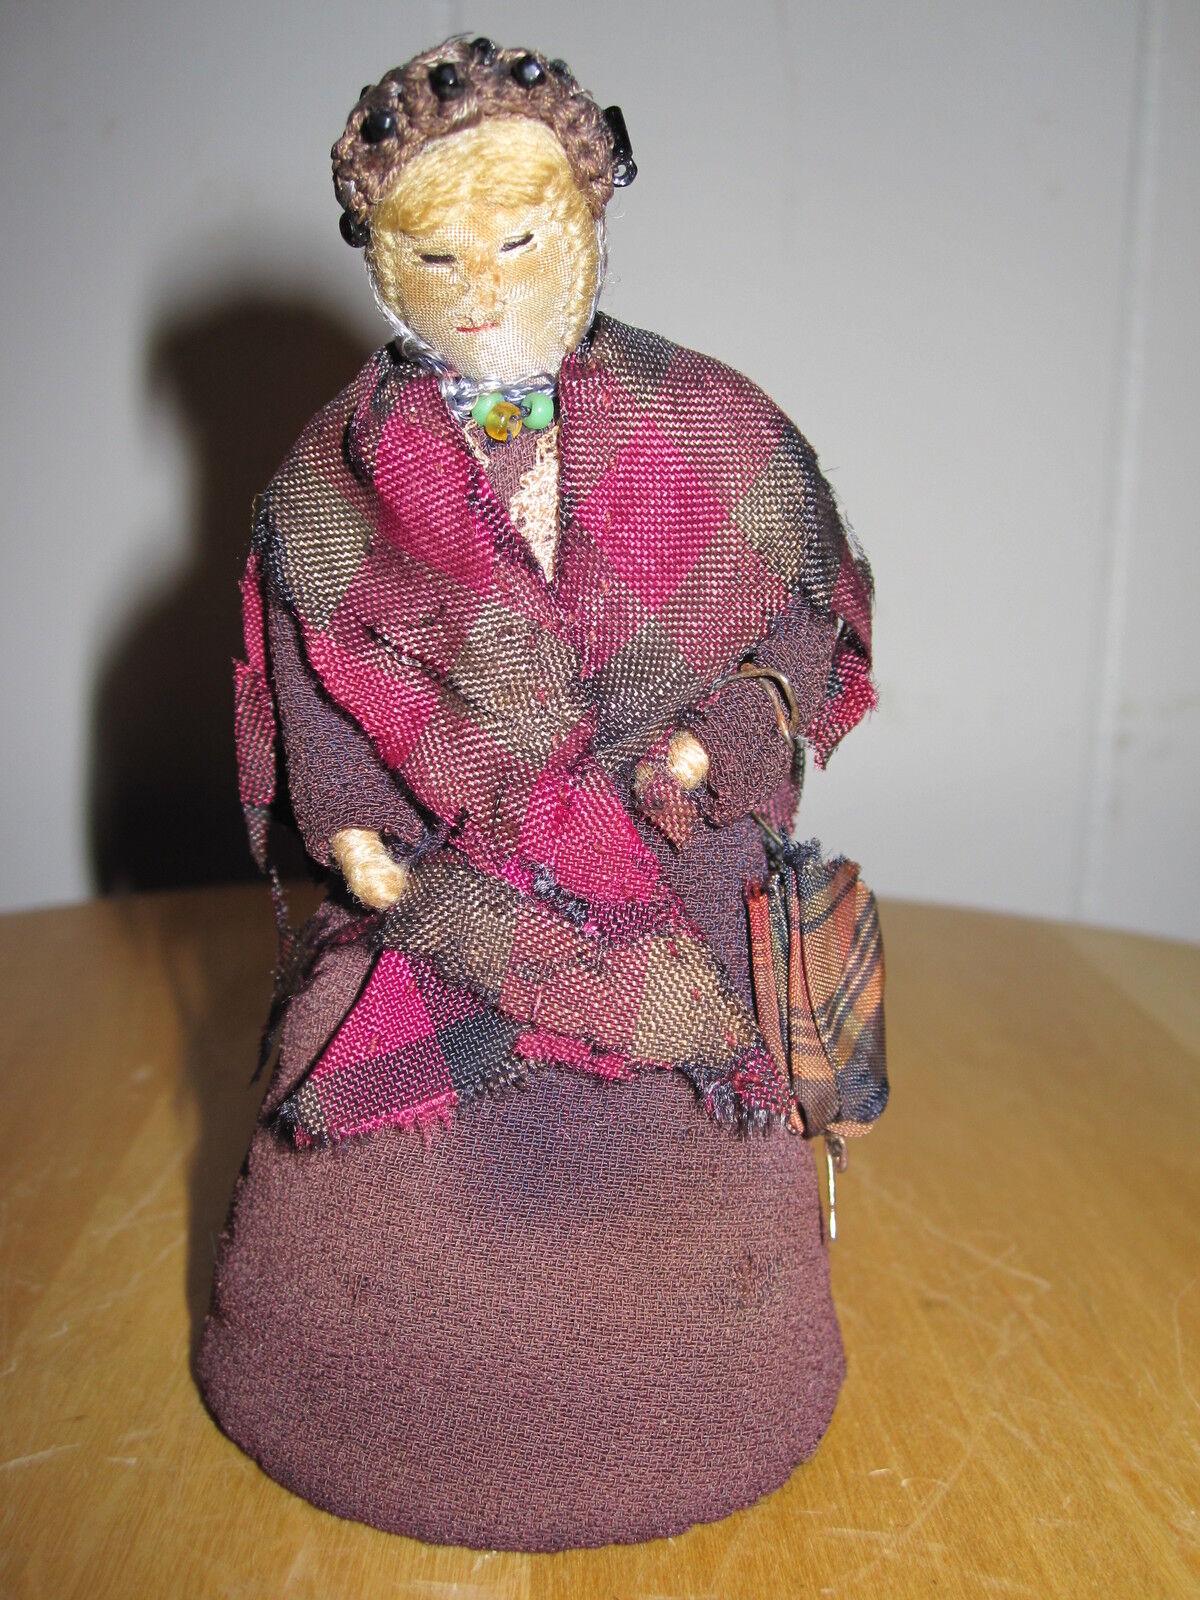 ANTIQUE 19th CT Y AMERICAN FOLK ART CLOTH STUMP TOYDOLL CROCHET UMBRELLA JEWELRY